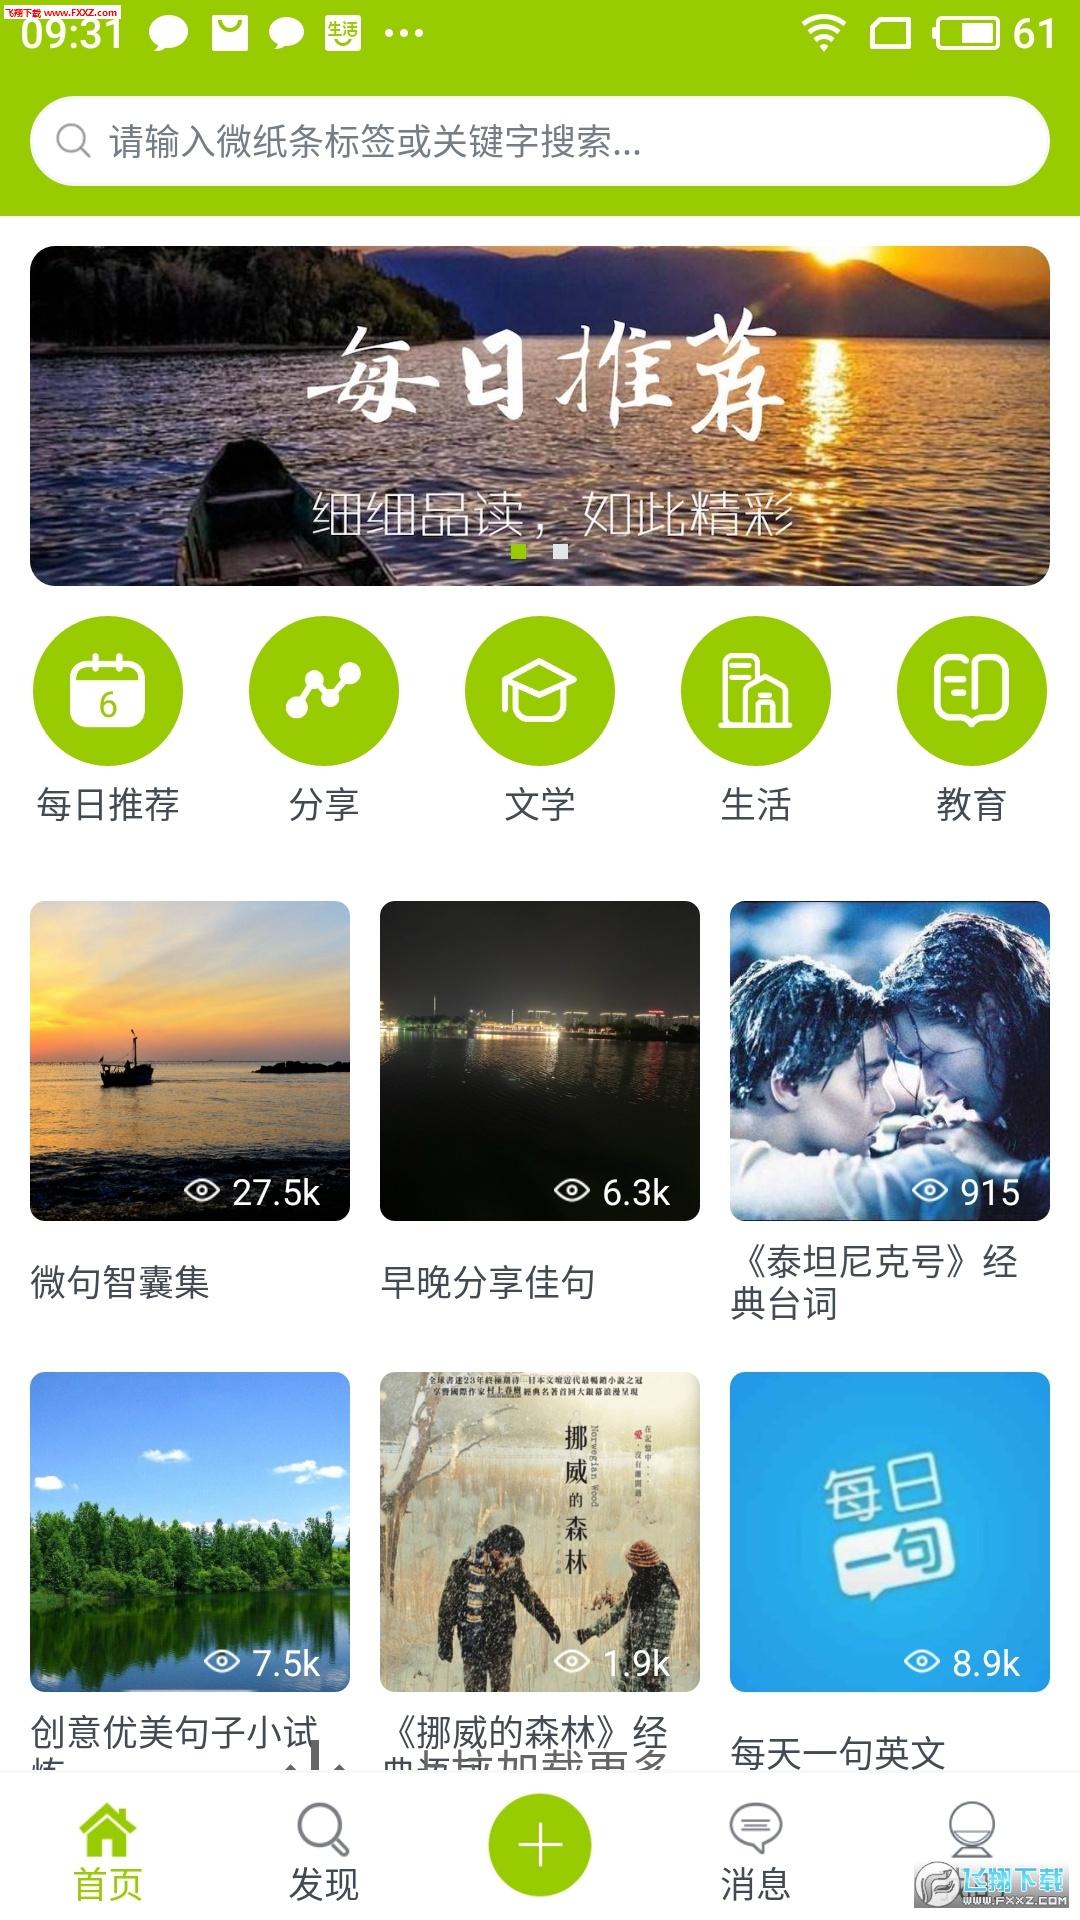 微纸条app官方版